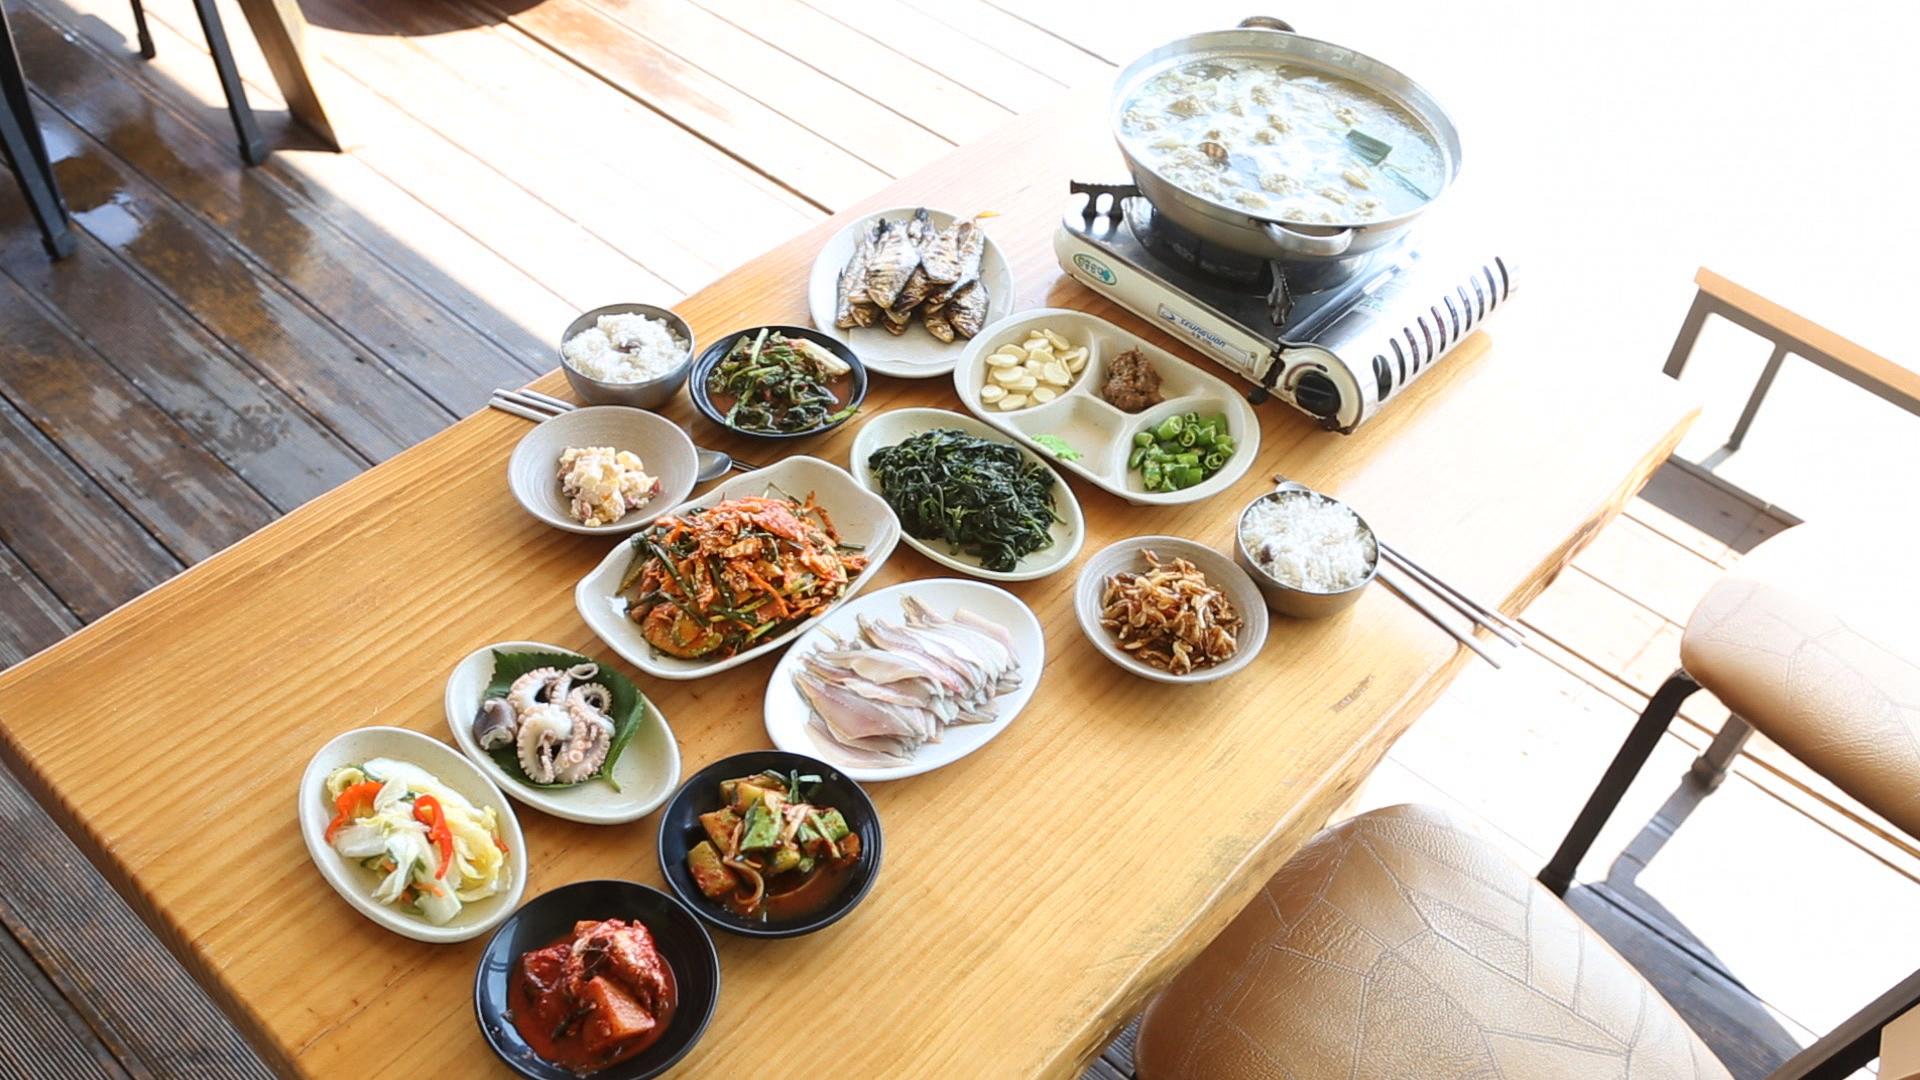 한국기행-섬마을 밥집 [4부. 옛 섬, 그 기억의 맛]